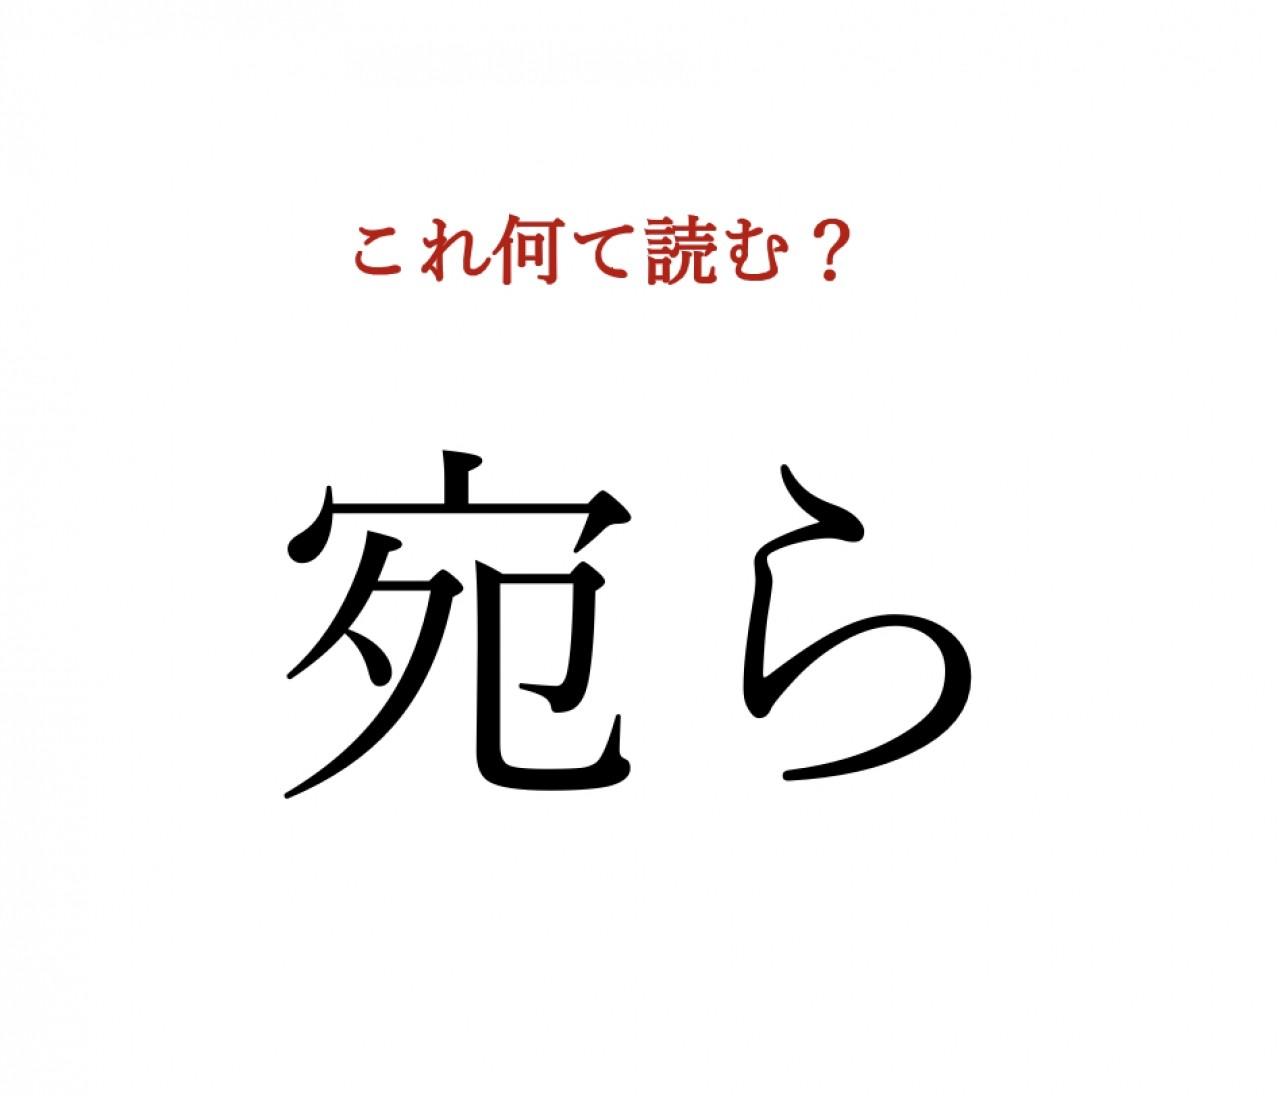 「宛ら」:この漢字、自信を持って読めますか?【働く大人の漢字クイズvol.16】